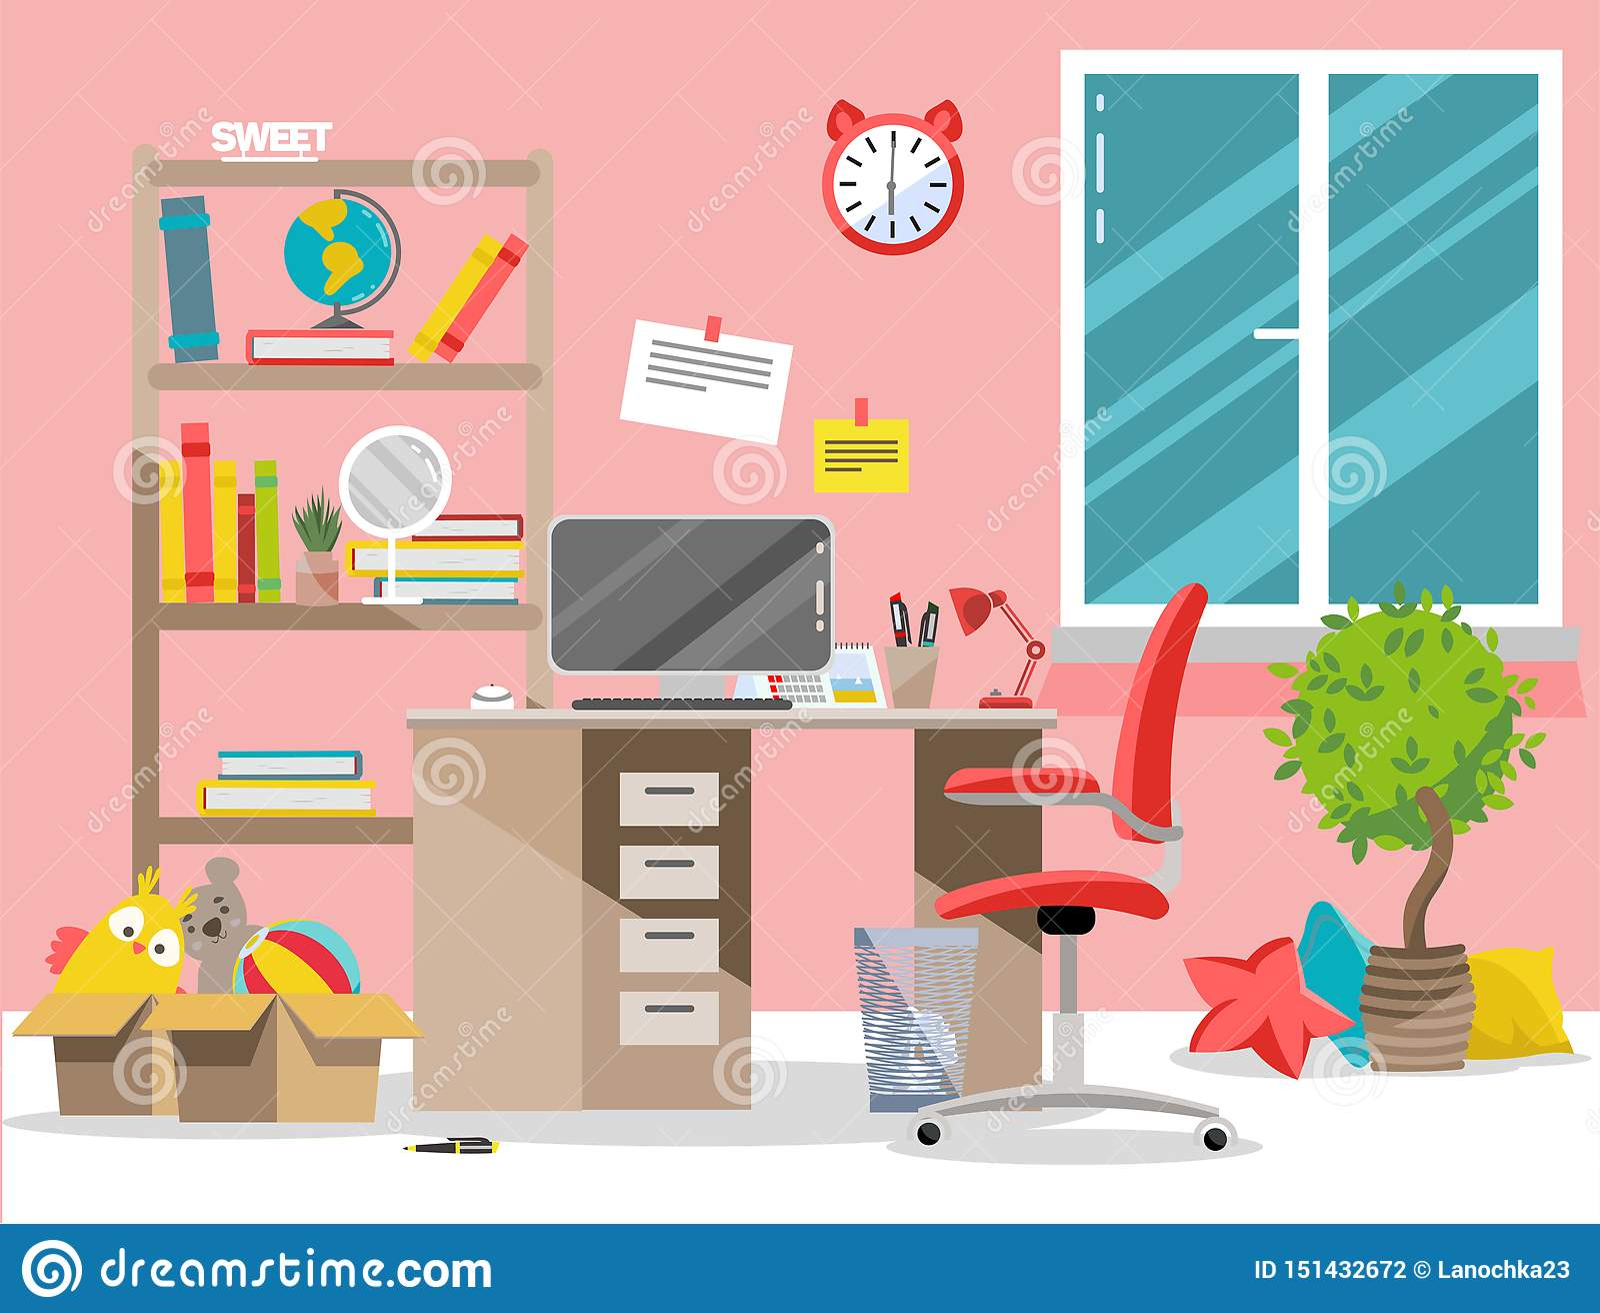 Cuarto de ni?os interior El sitio de la muchacha con la tabla, ordenador, estante, juguetes en cajas Ejemplo plano del vector de